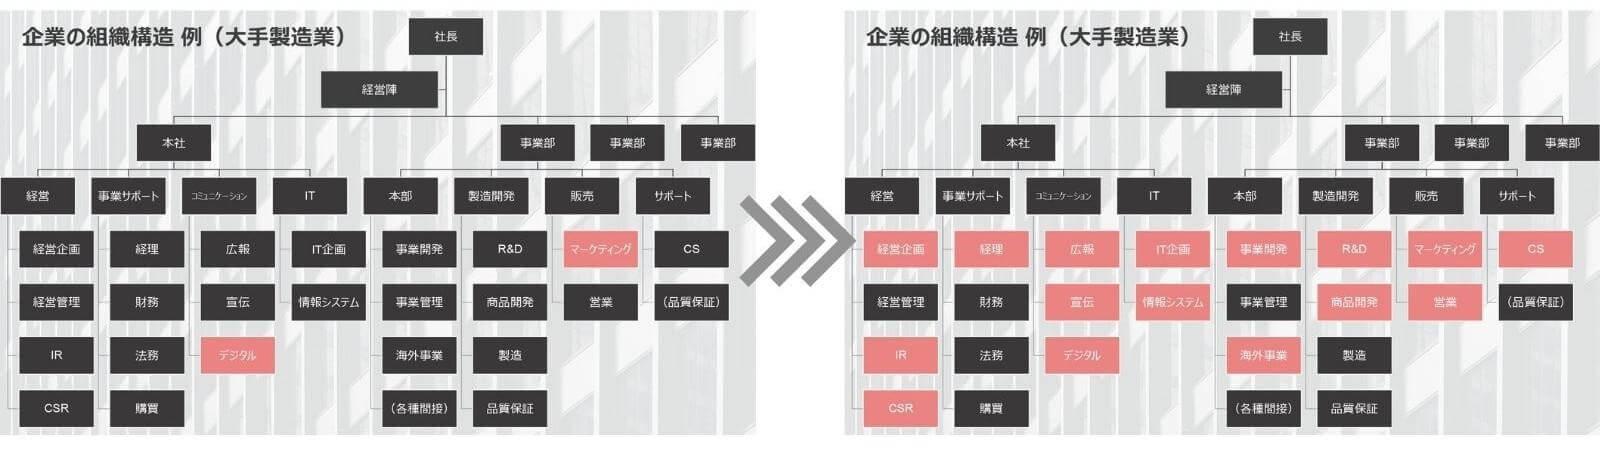 企業の組織構造 例(大手製造業)